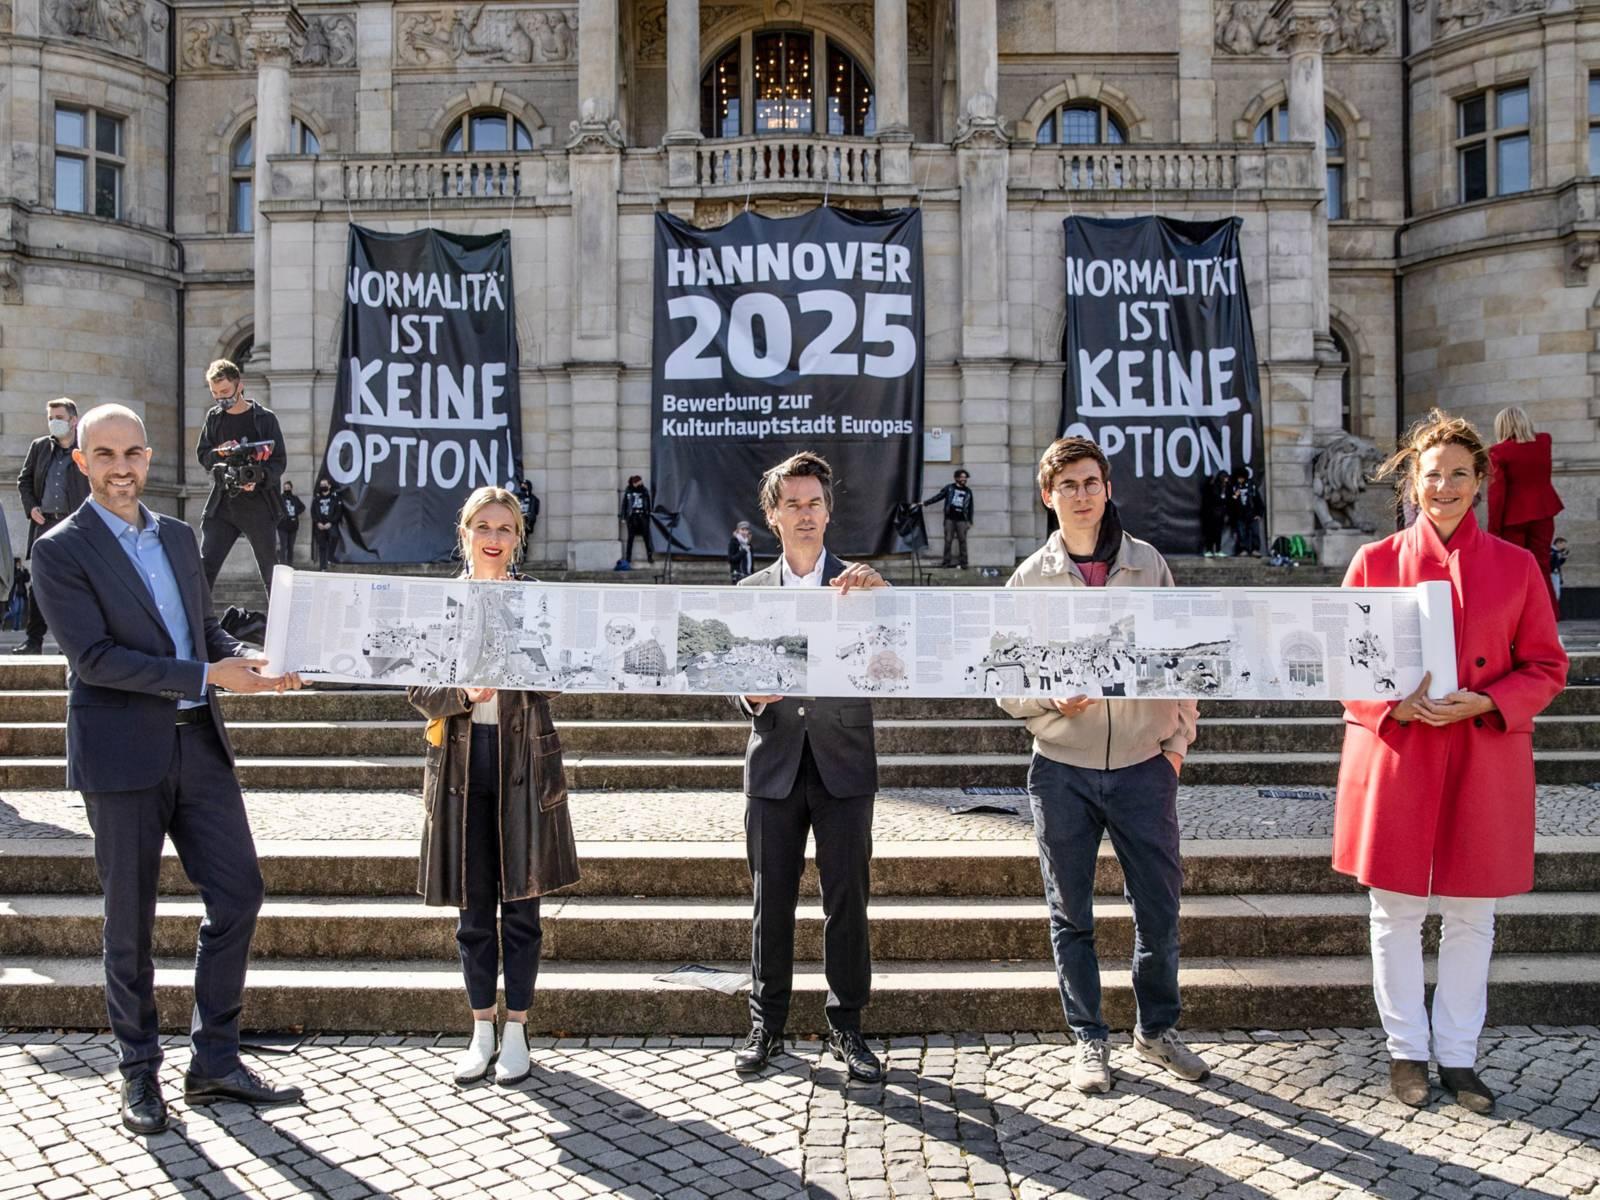 Fünf Personen stehen vor dem Neuen Rathaus in Hannover und präsentieren einen Teil des zweiten Bid Books zur Bewerbung als Kulturhauptstadt Europas 2025